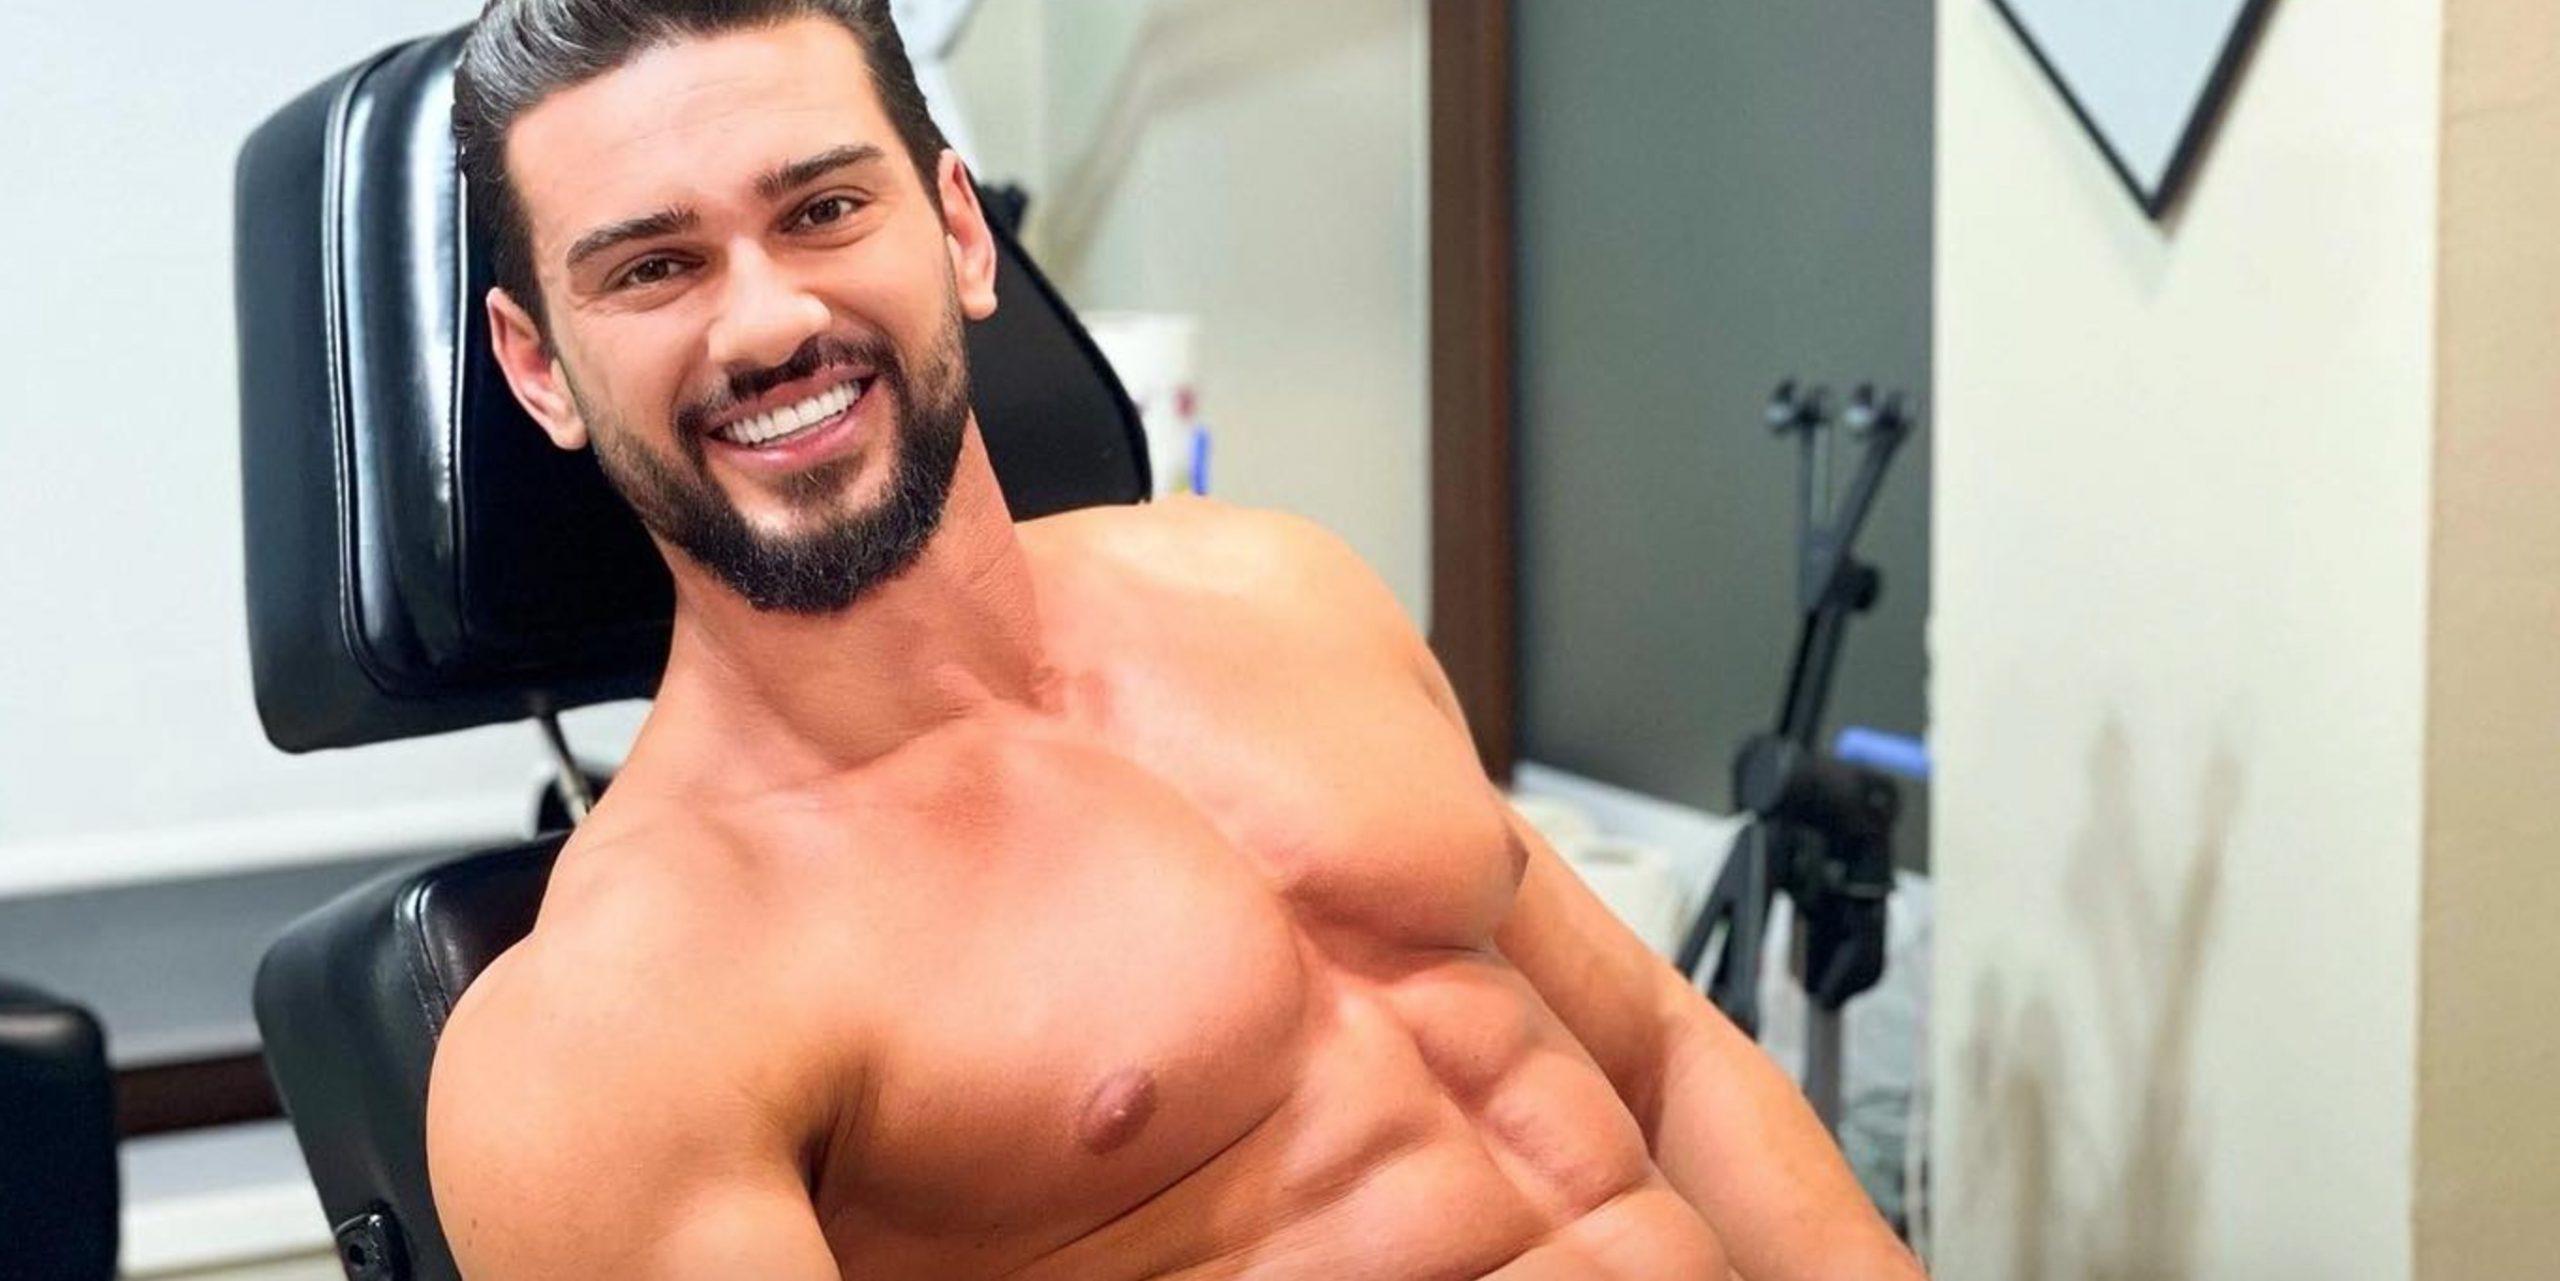 Dorian Popa și-a făcut un nou tatuaj într-un loc ascuns, controverse între fani